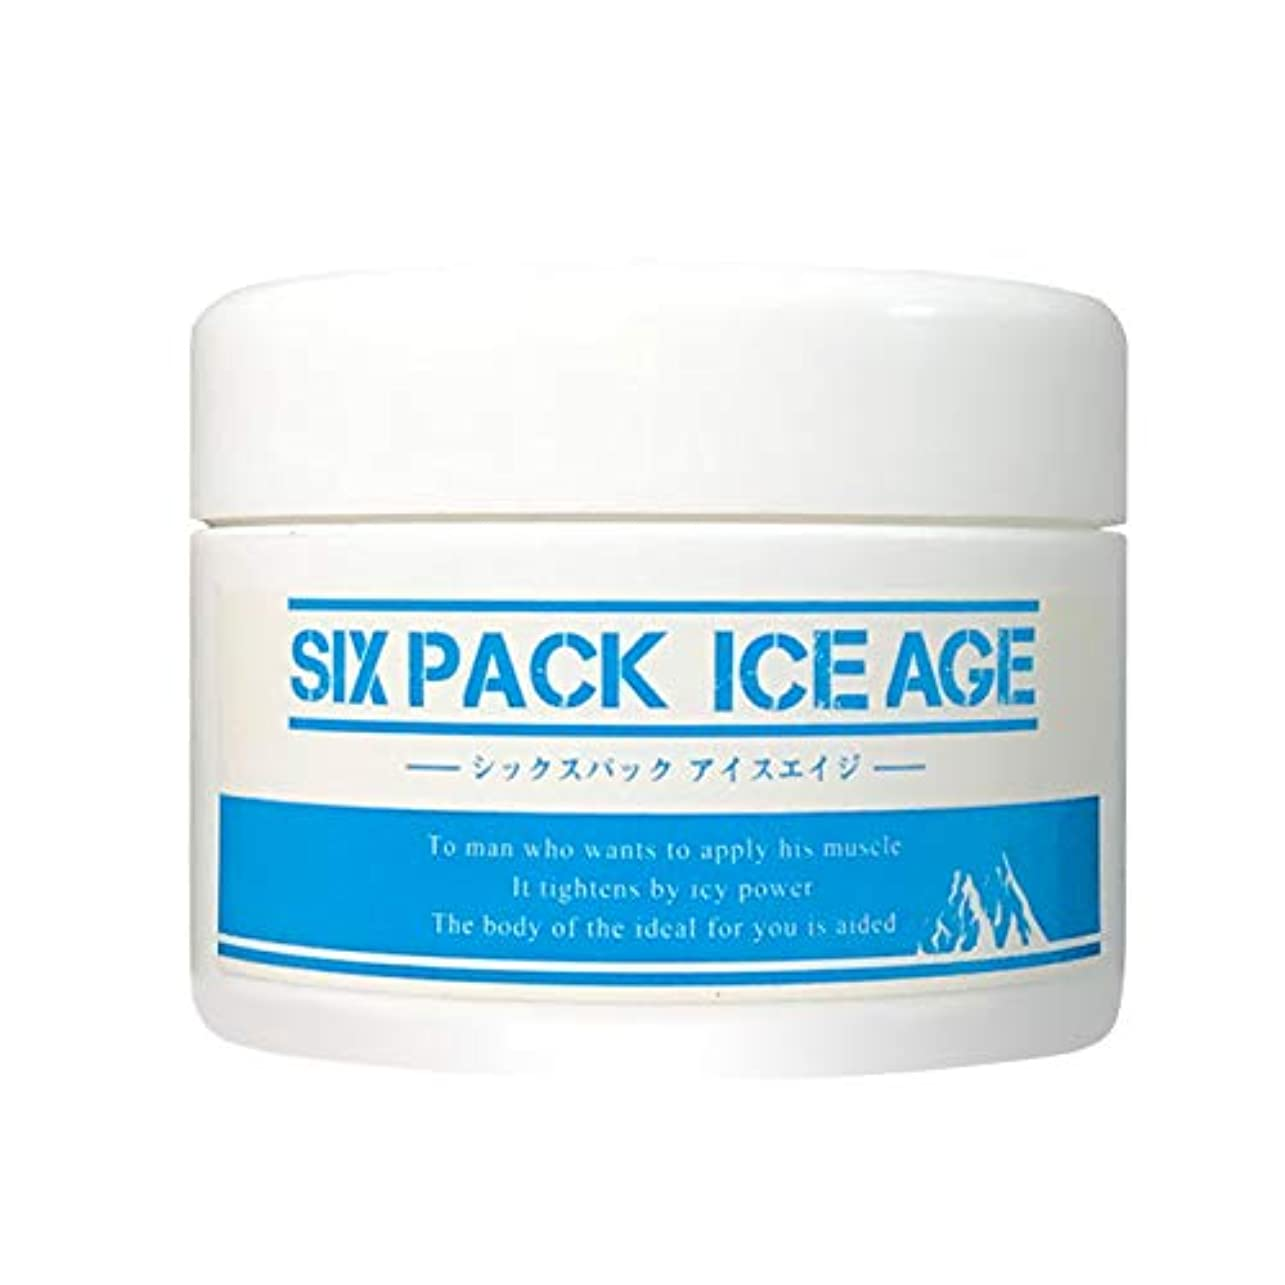 同種の女性ガレージSIX PACK ICE AGE (シックスパックアイスエイジ) 冷却 マッサージクリーム (日本製) クール素材 シックスパックアイスエイジ (内容量200g)